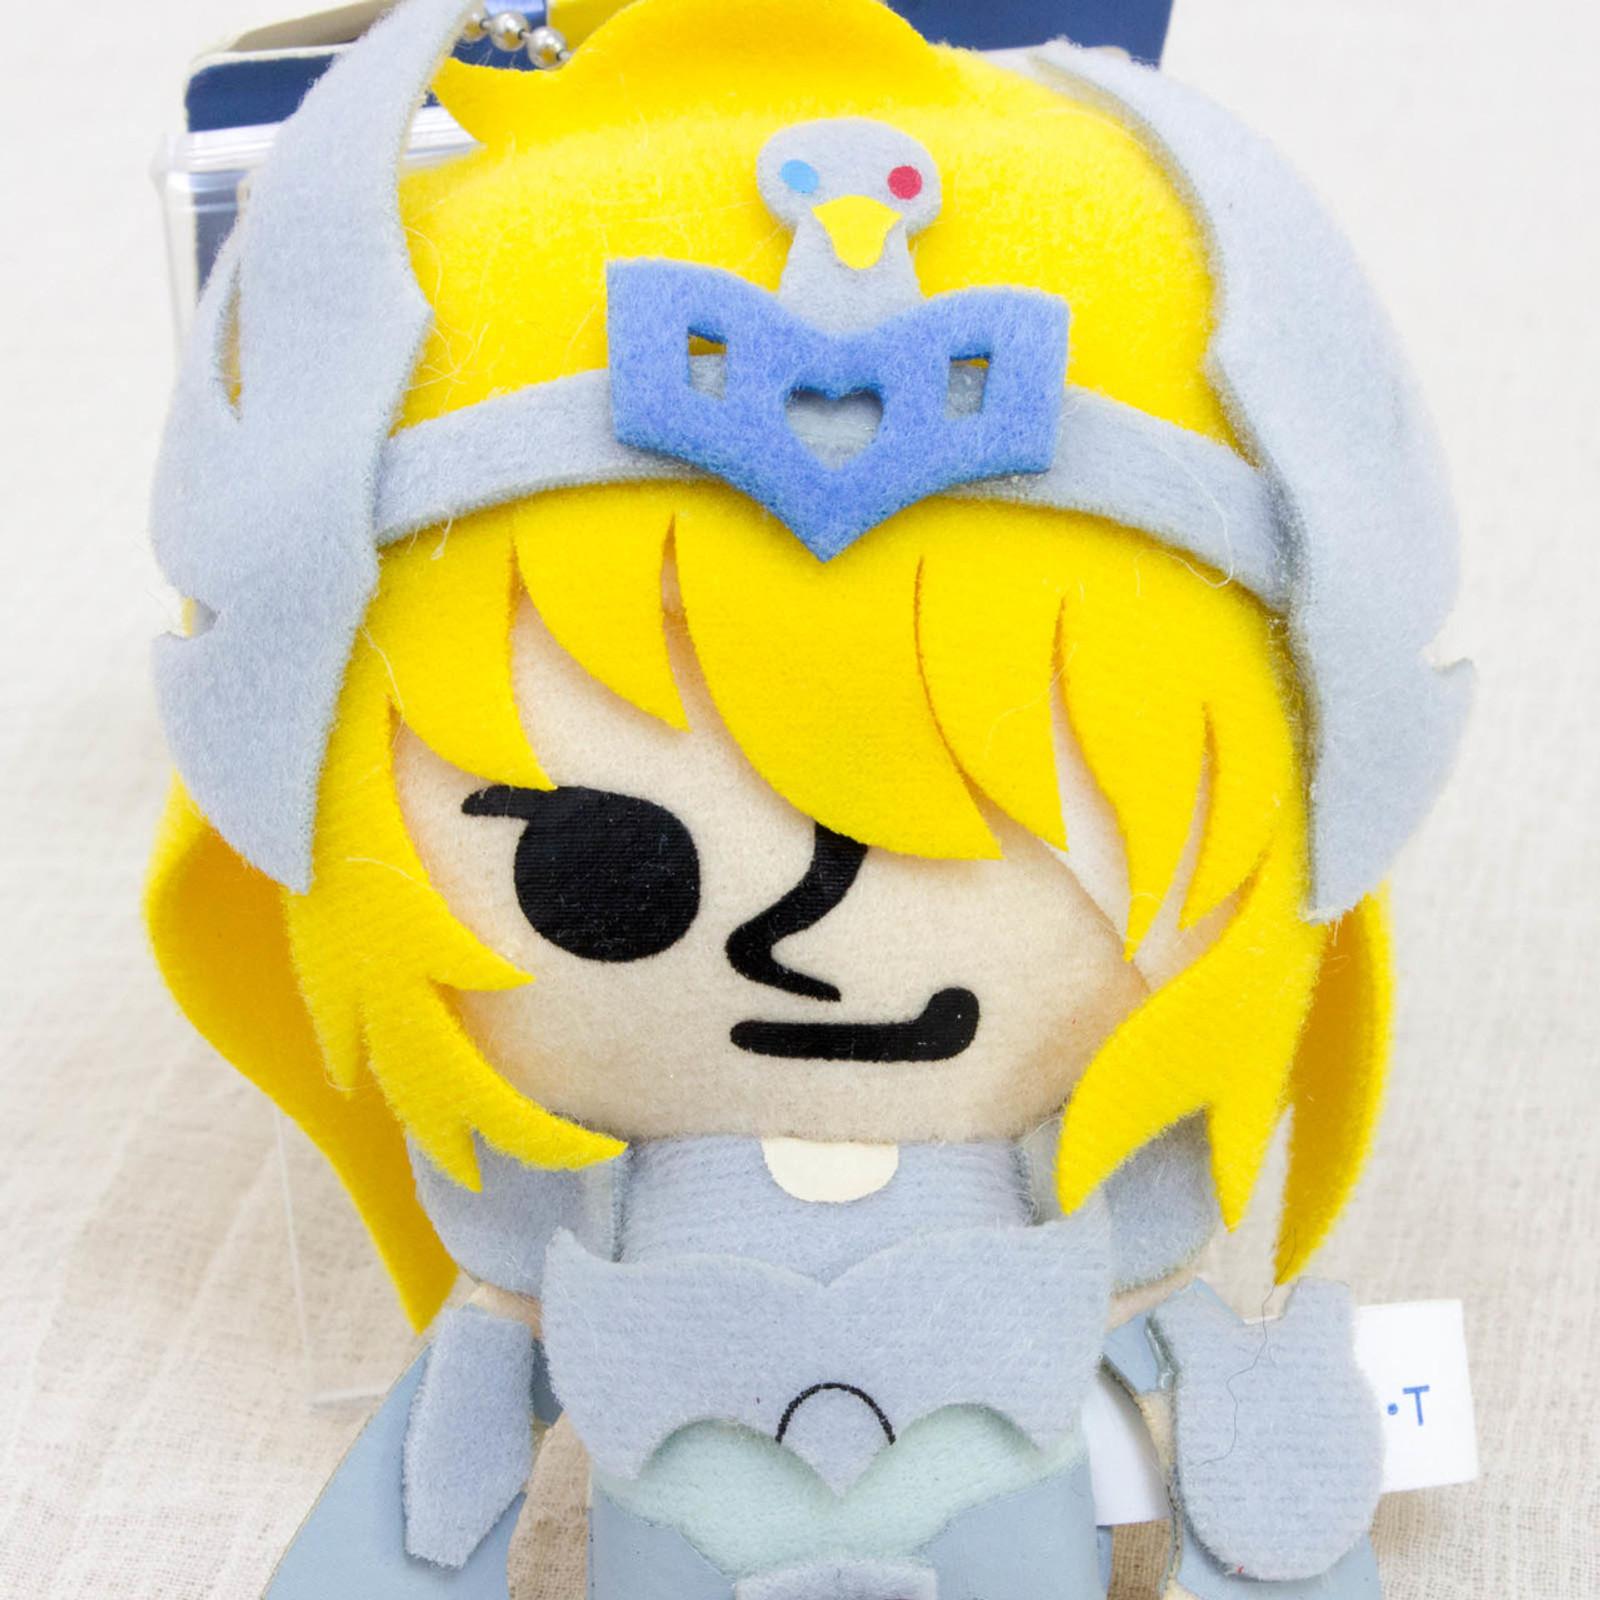 Saint Seiya Cygnus Hyoga Panson Works Mini Plush Doll Ballchain JAPAN ANIME